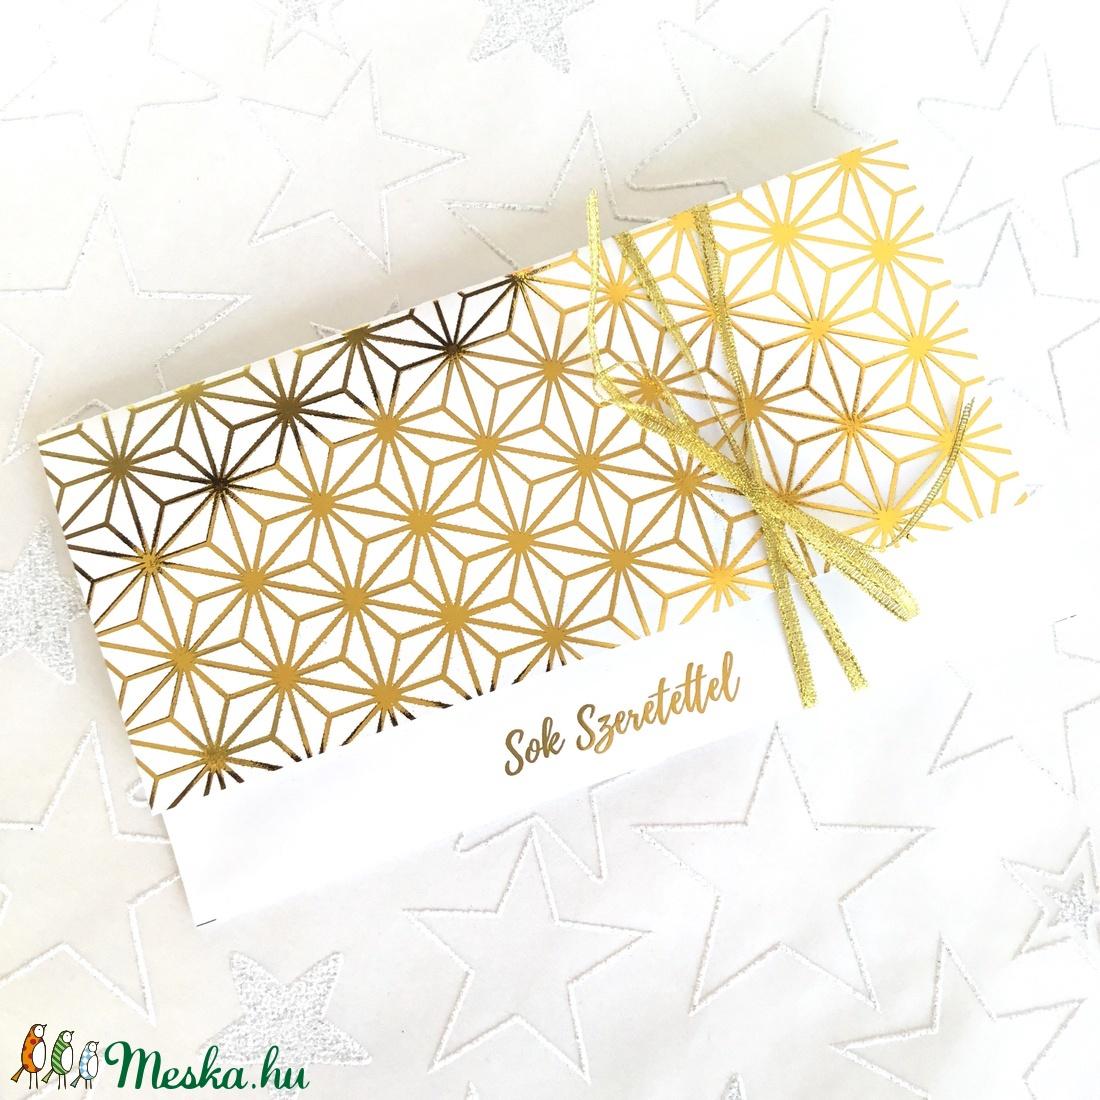 Pénzátadó boríték / ARANYOZOTT pénz átadó ajándék kártya - nászajándék átadó boríték / Születésnapra / névnapra - otthon & lakás - papír írószer - boríték - Meska.hu